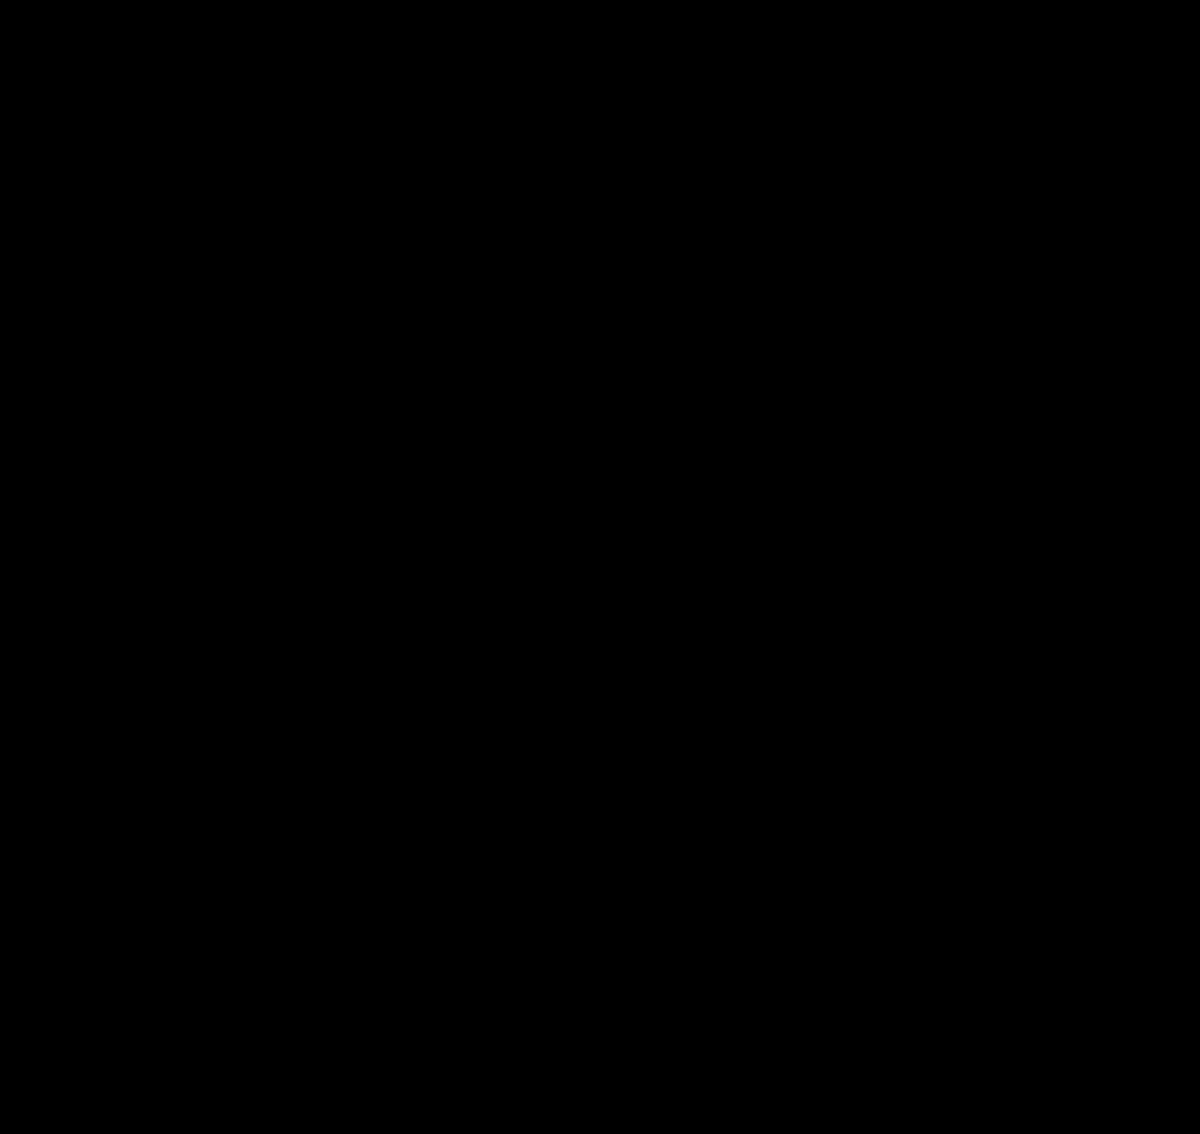 Küldetés chat társkereső telefonszám